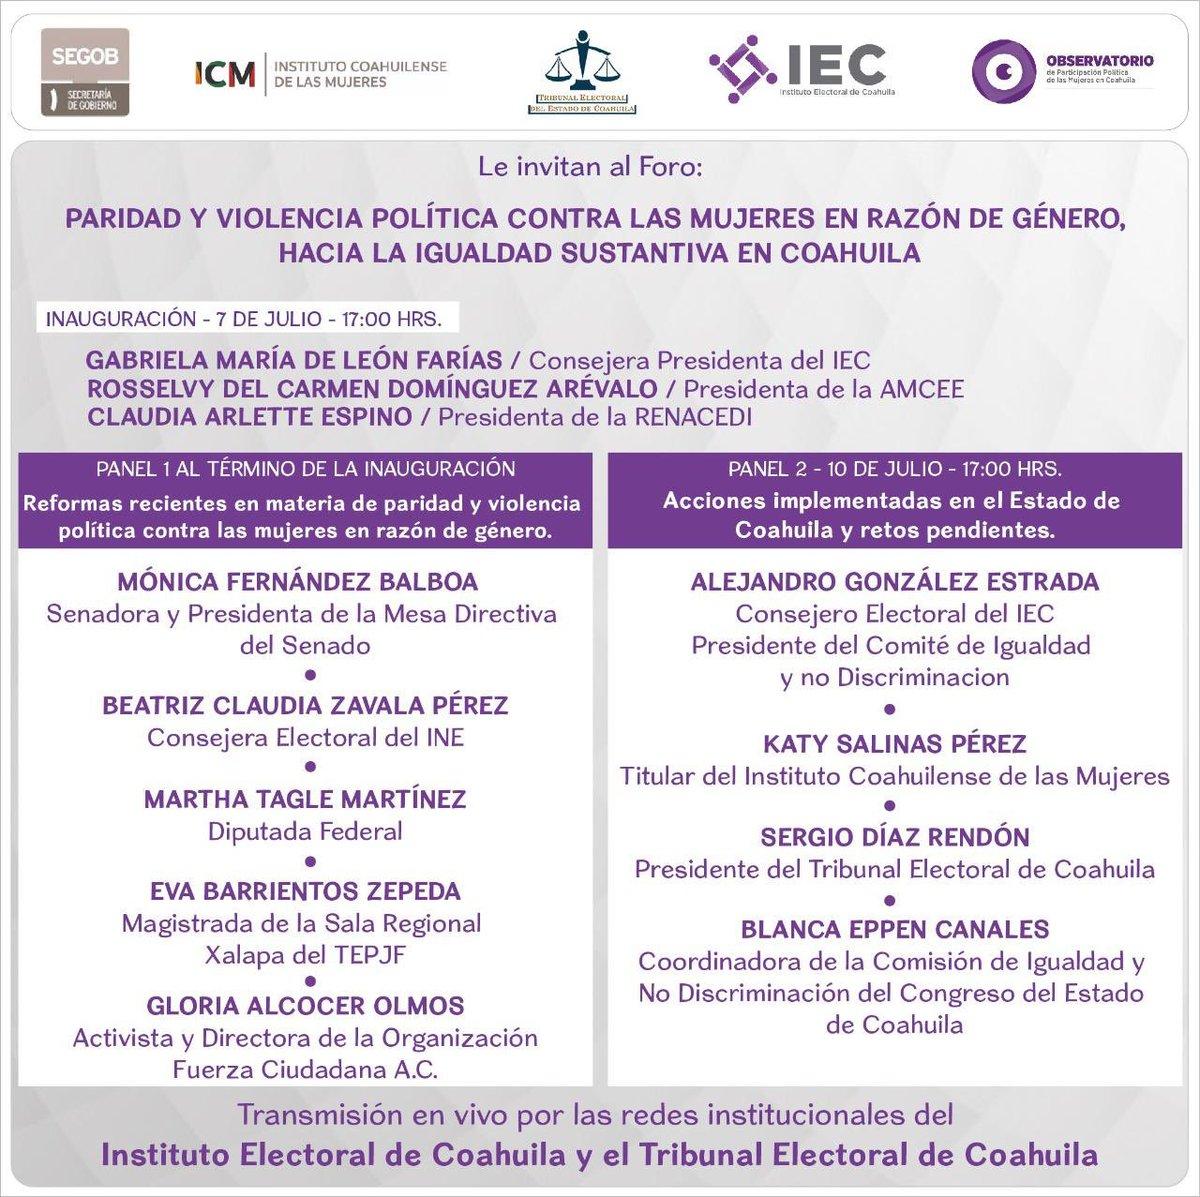 """Sigue por las redes sociales del @IECoahuila y @TEECOAHUILA, el foro: """"Paridad y VPRG contra las mujeres. Hacía la igualdad sustantiva en Coahuila"""". Inauguración y Panel 1. 7 de julio a las 17:00 🕔. Panel 2. 10 de julio 17:00 🕔."""